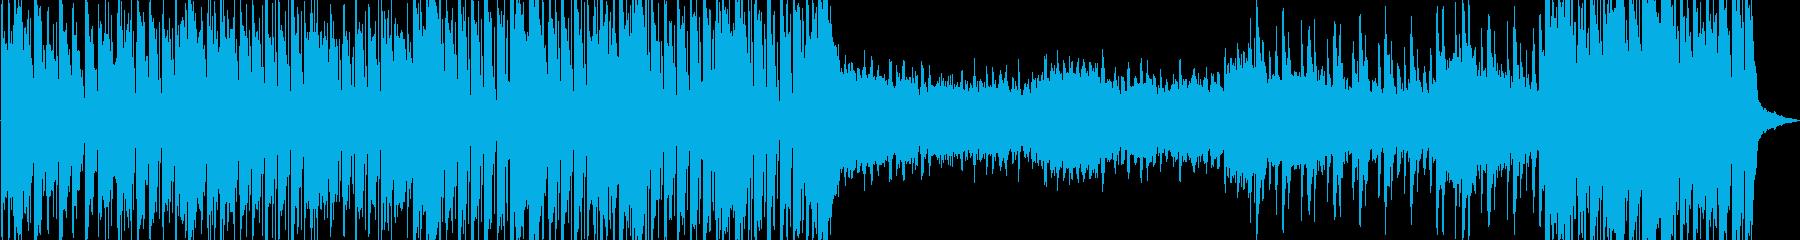 キャッチーなボーカルフックが、「L...の再生済みの波形